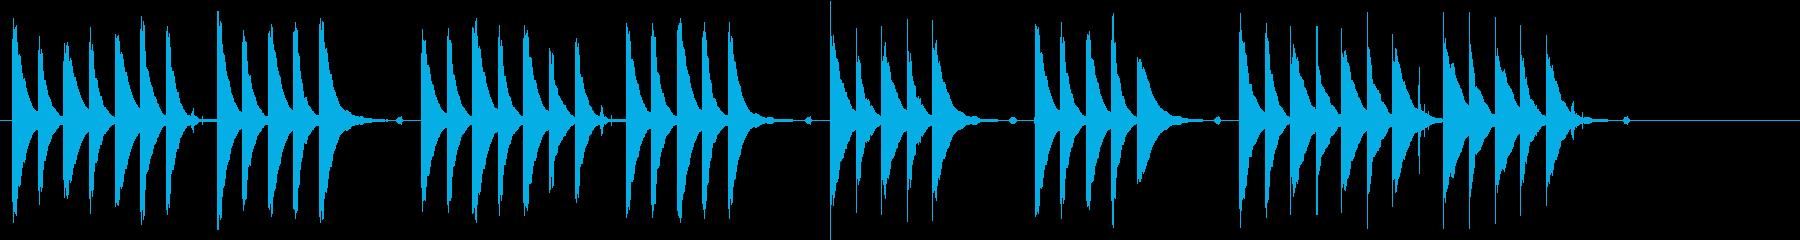 ほのぼのしてのんびりとした短い曲の再生済みの波形